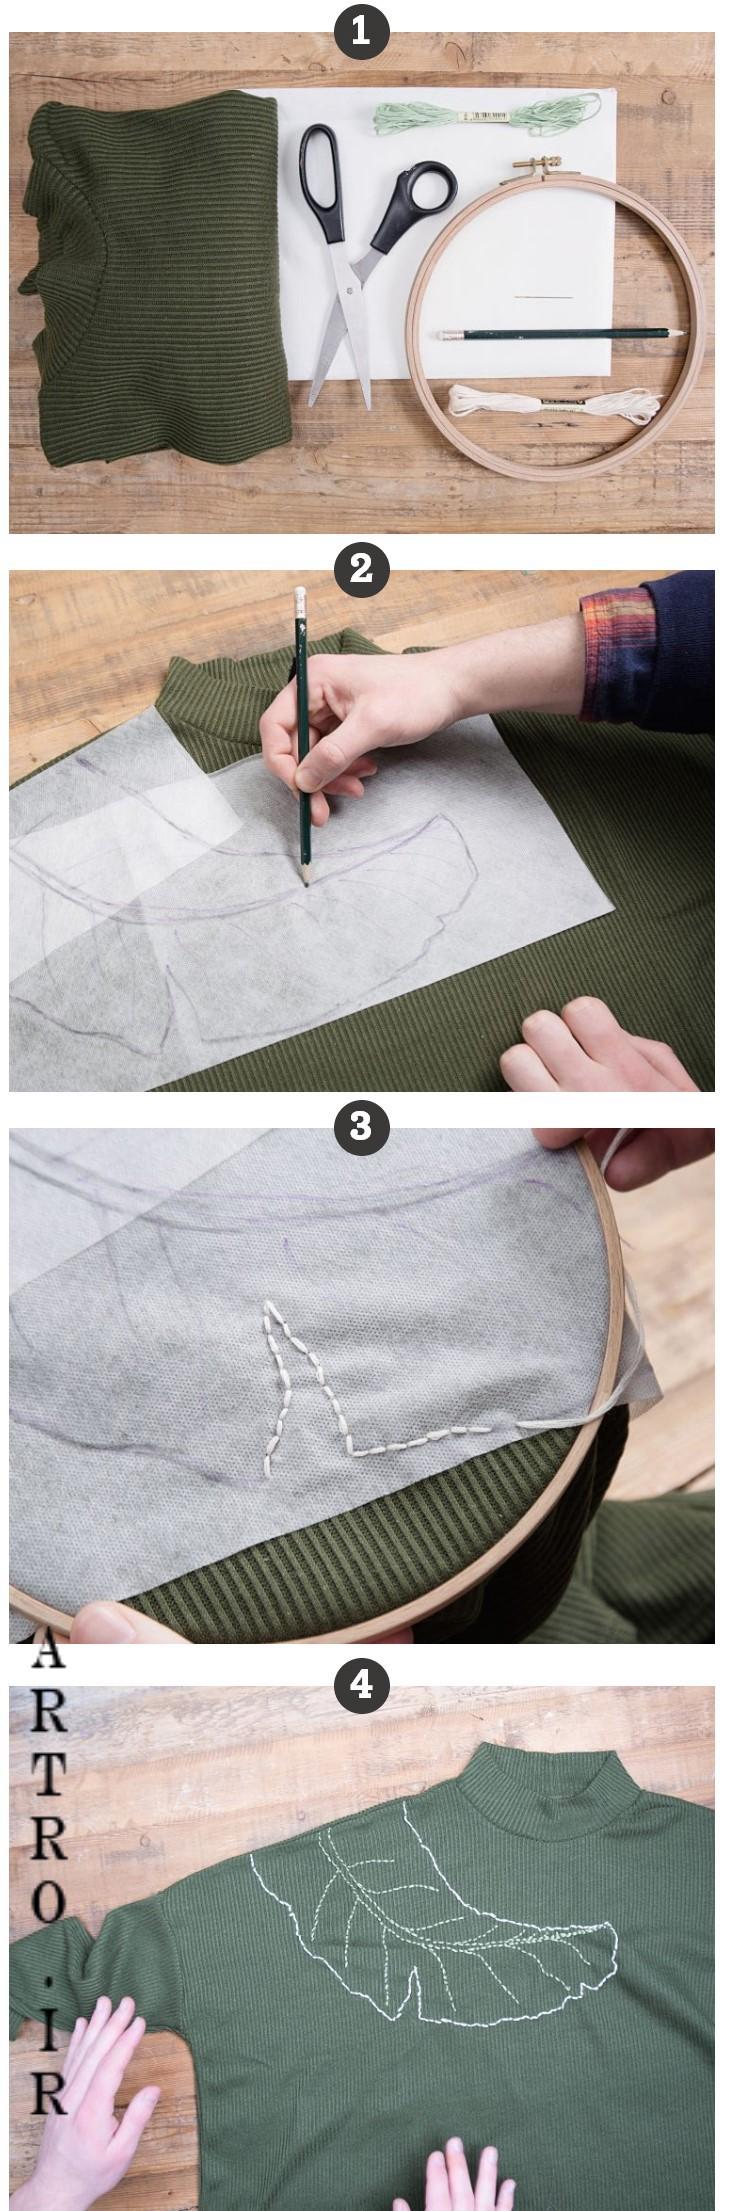 آموزش گلدوزی روی لباس بافتنی 2